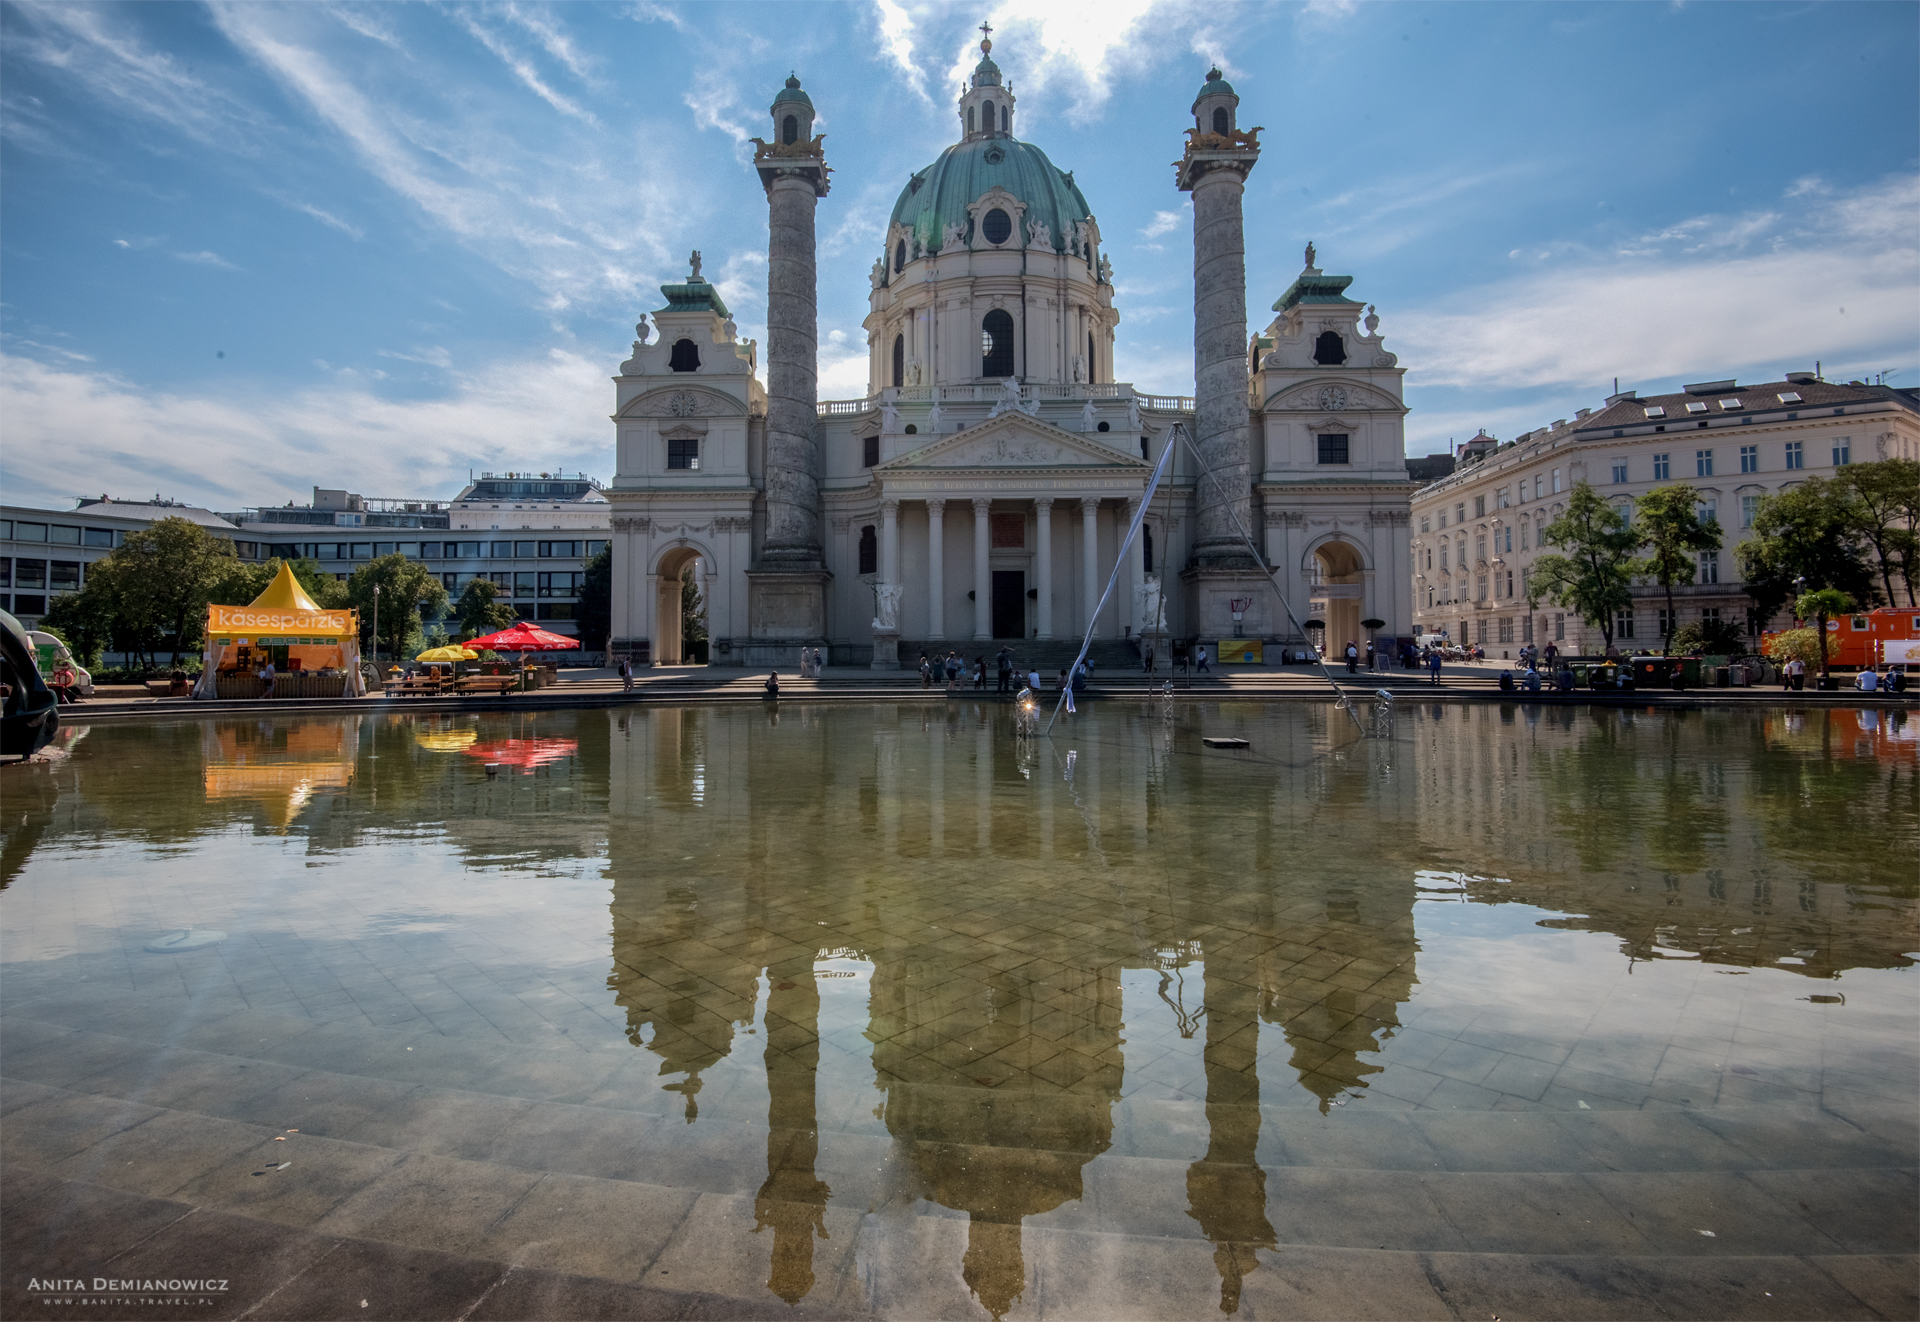 Kościół św.Karola Boromeusza (Karlskirche)